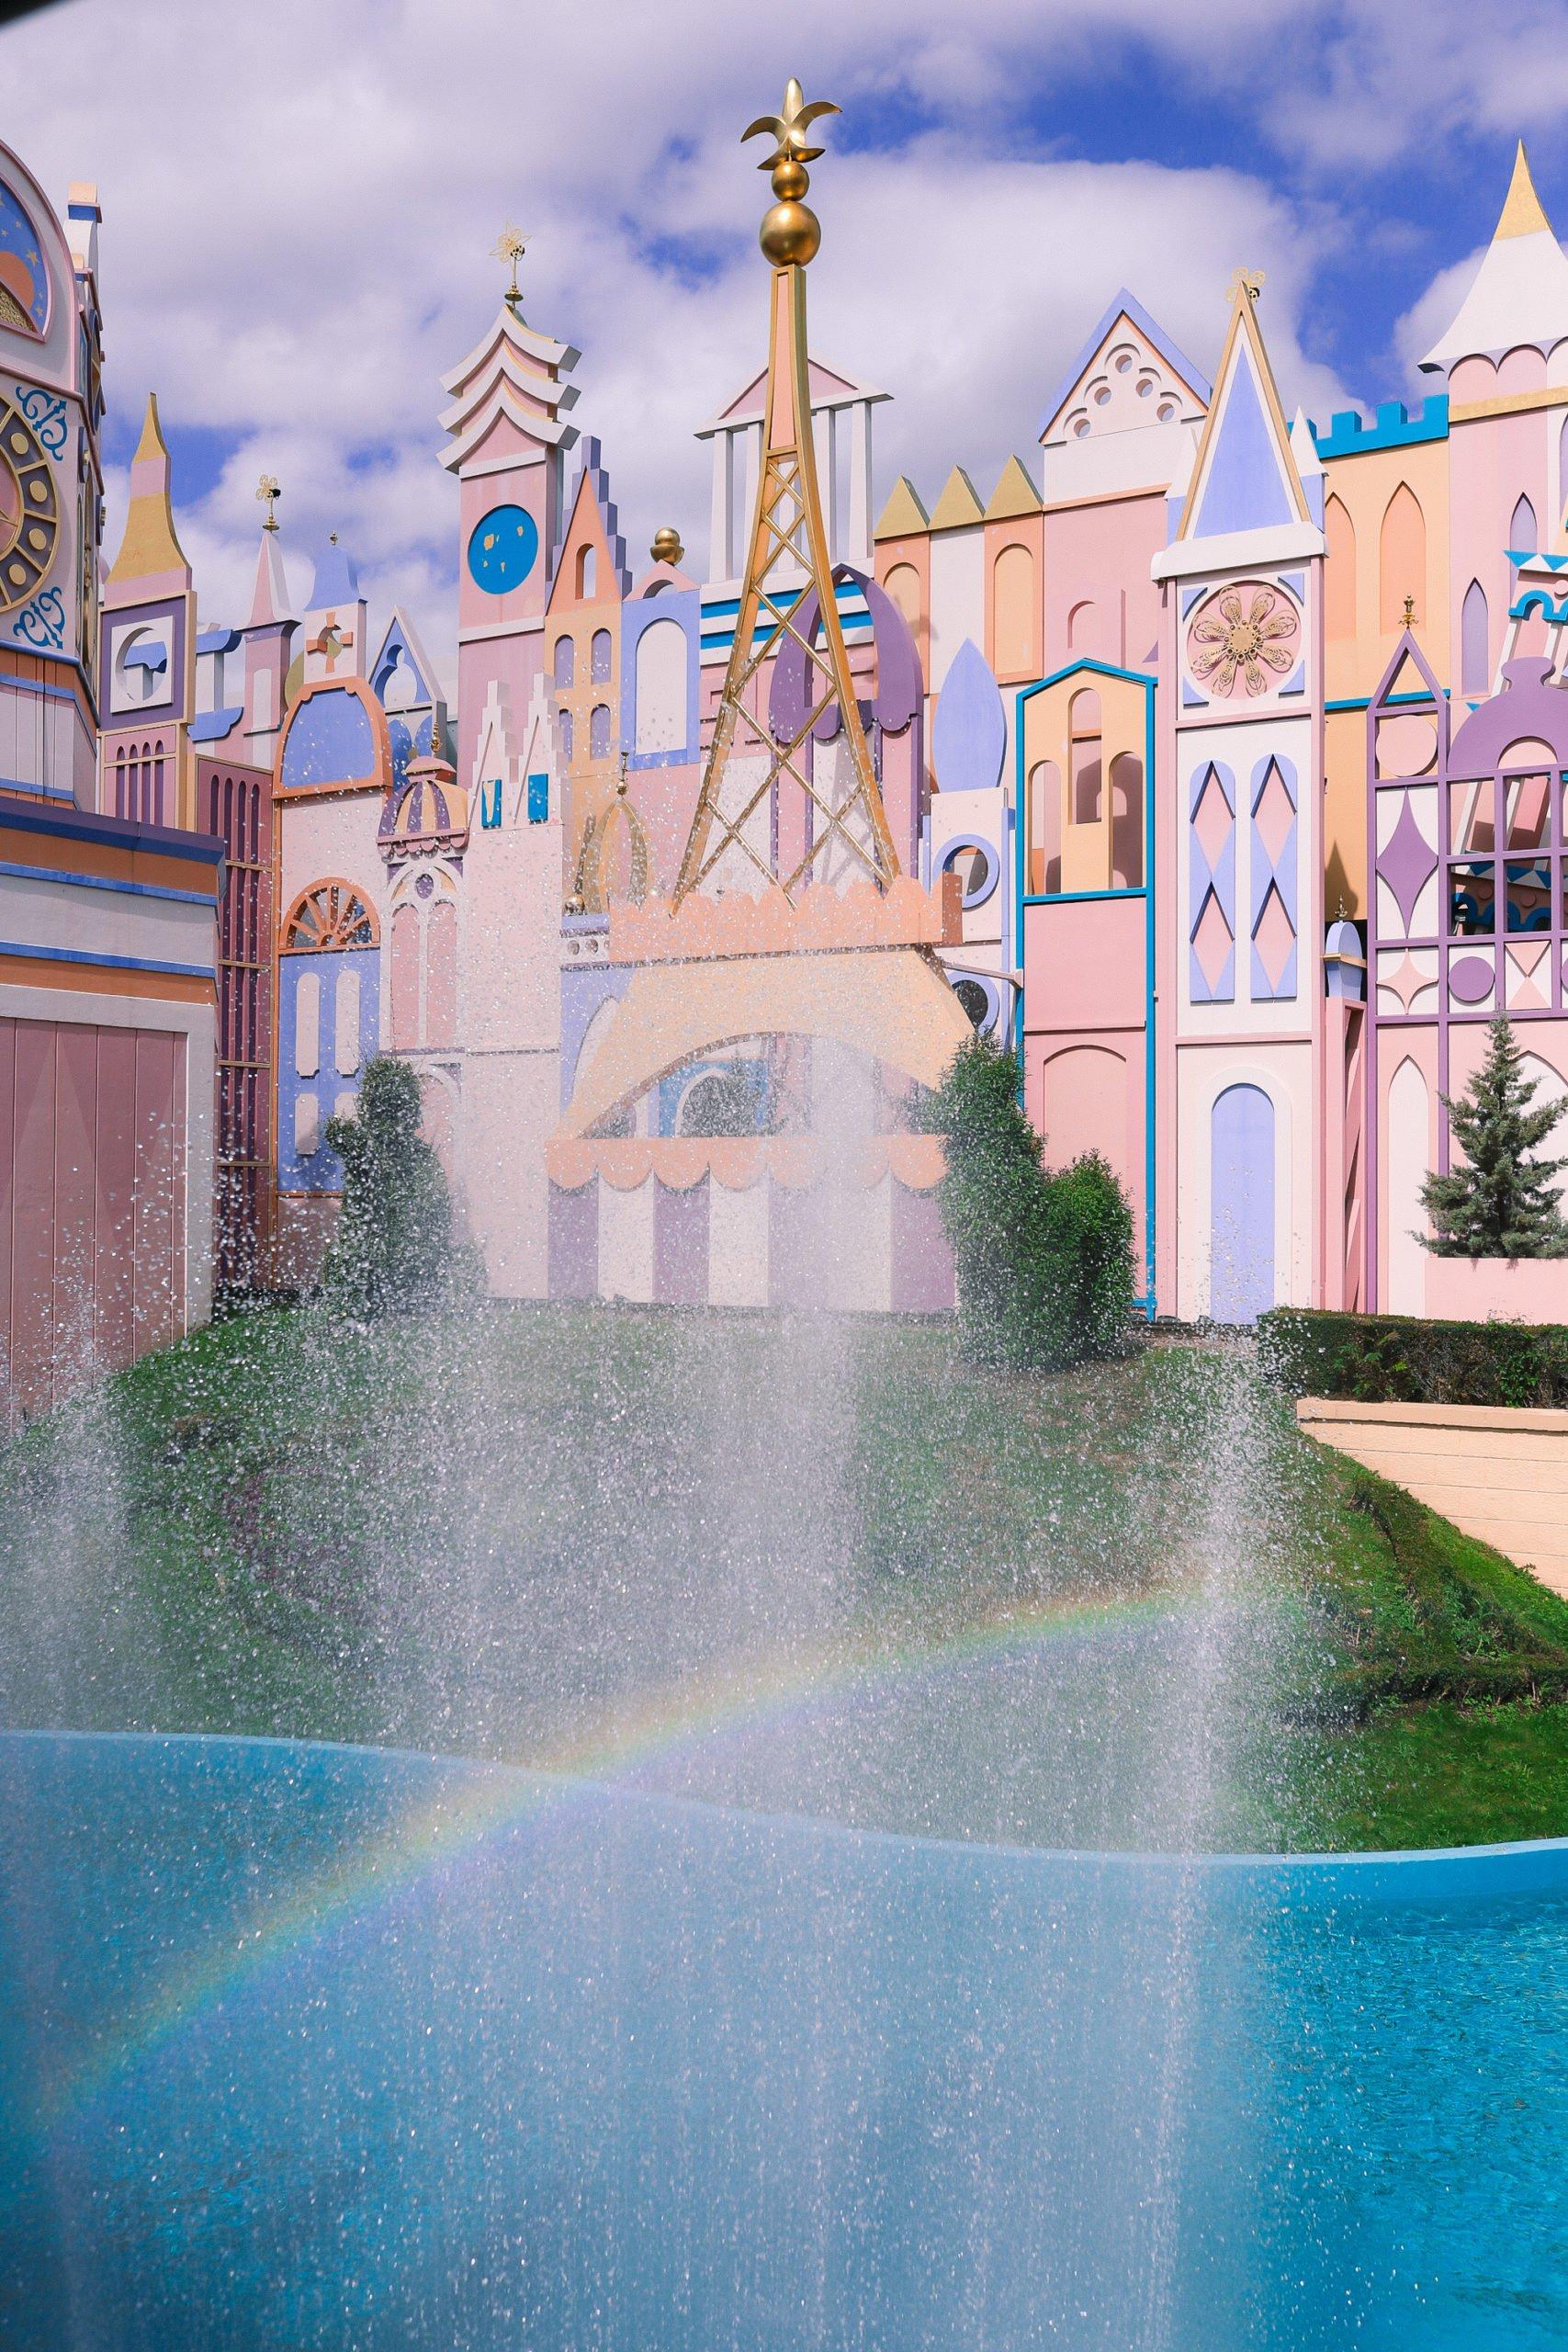 Un Week End À Disneyland Paris En Famille - With A Love concernant Combien Coute Un Week End A Disneyland Paris